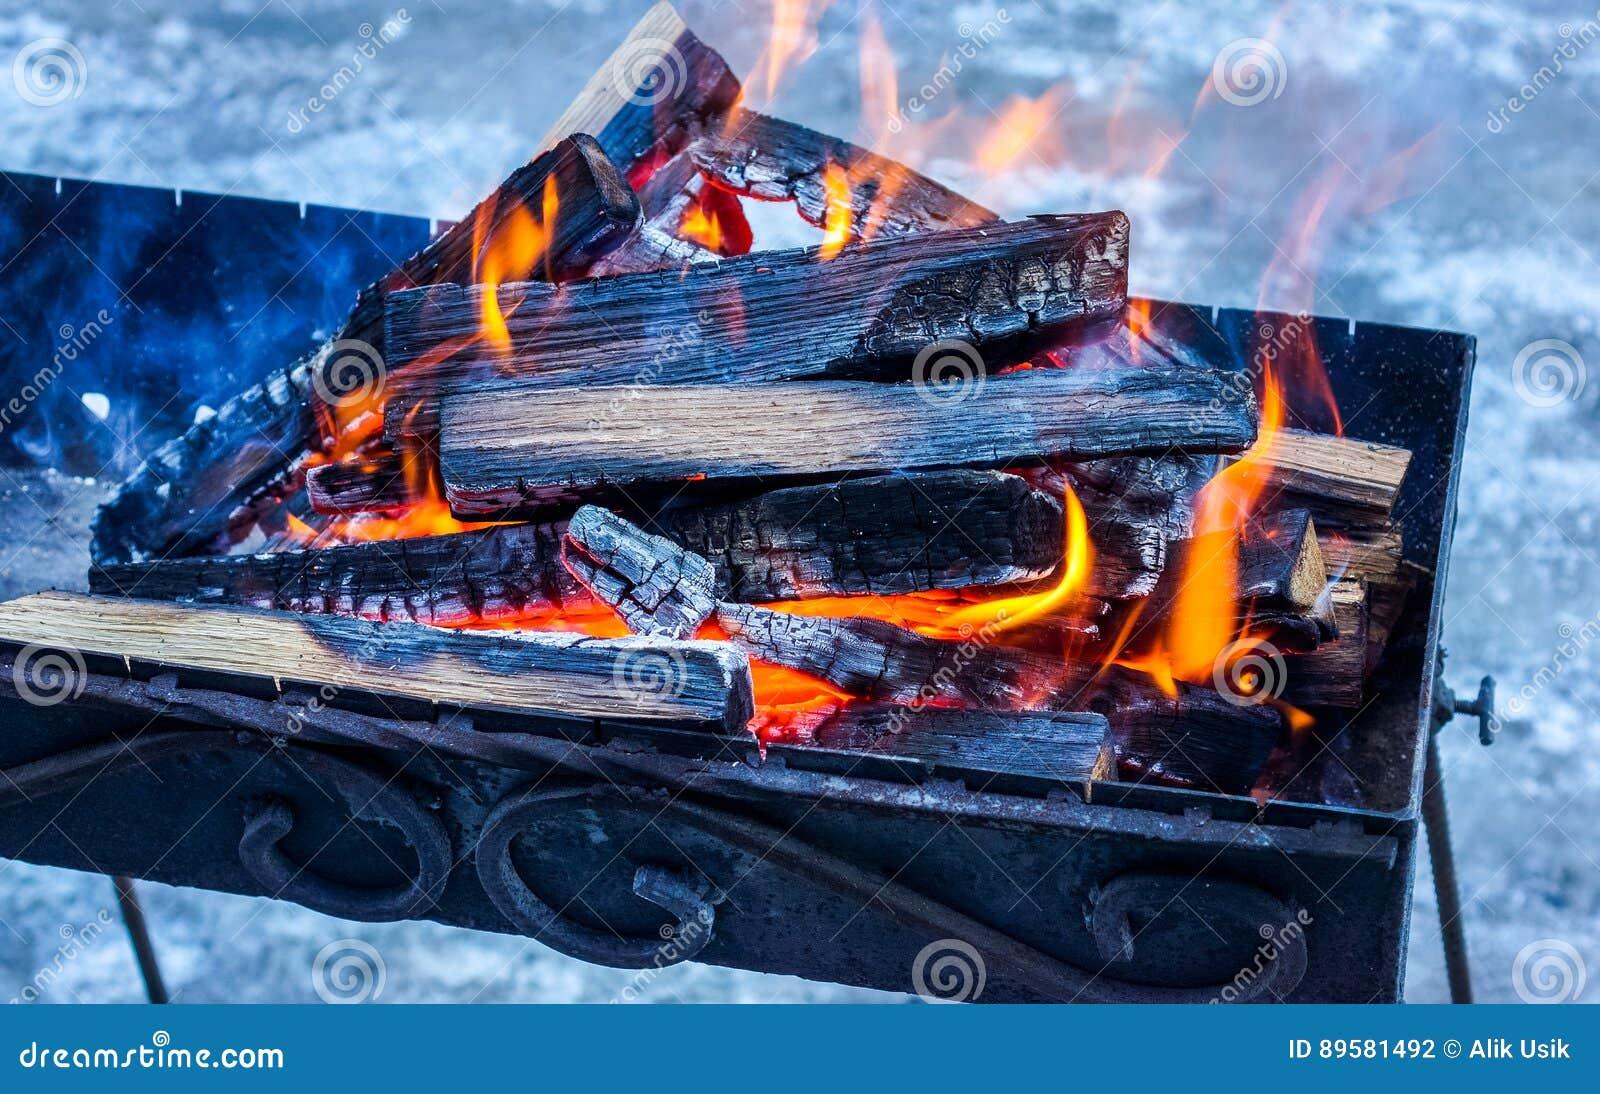 bois brûlant dans le brasero préparation pour faire cuire le